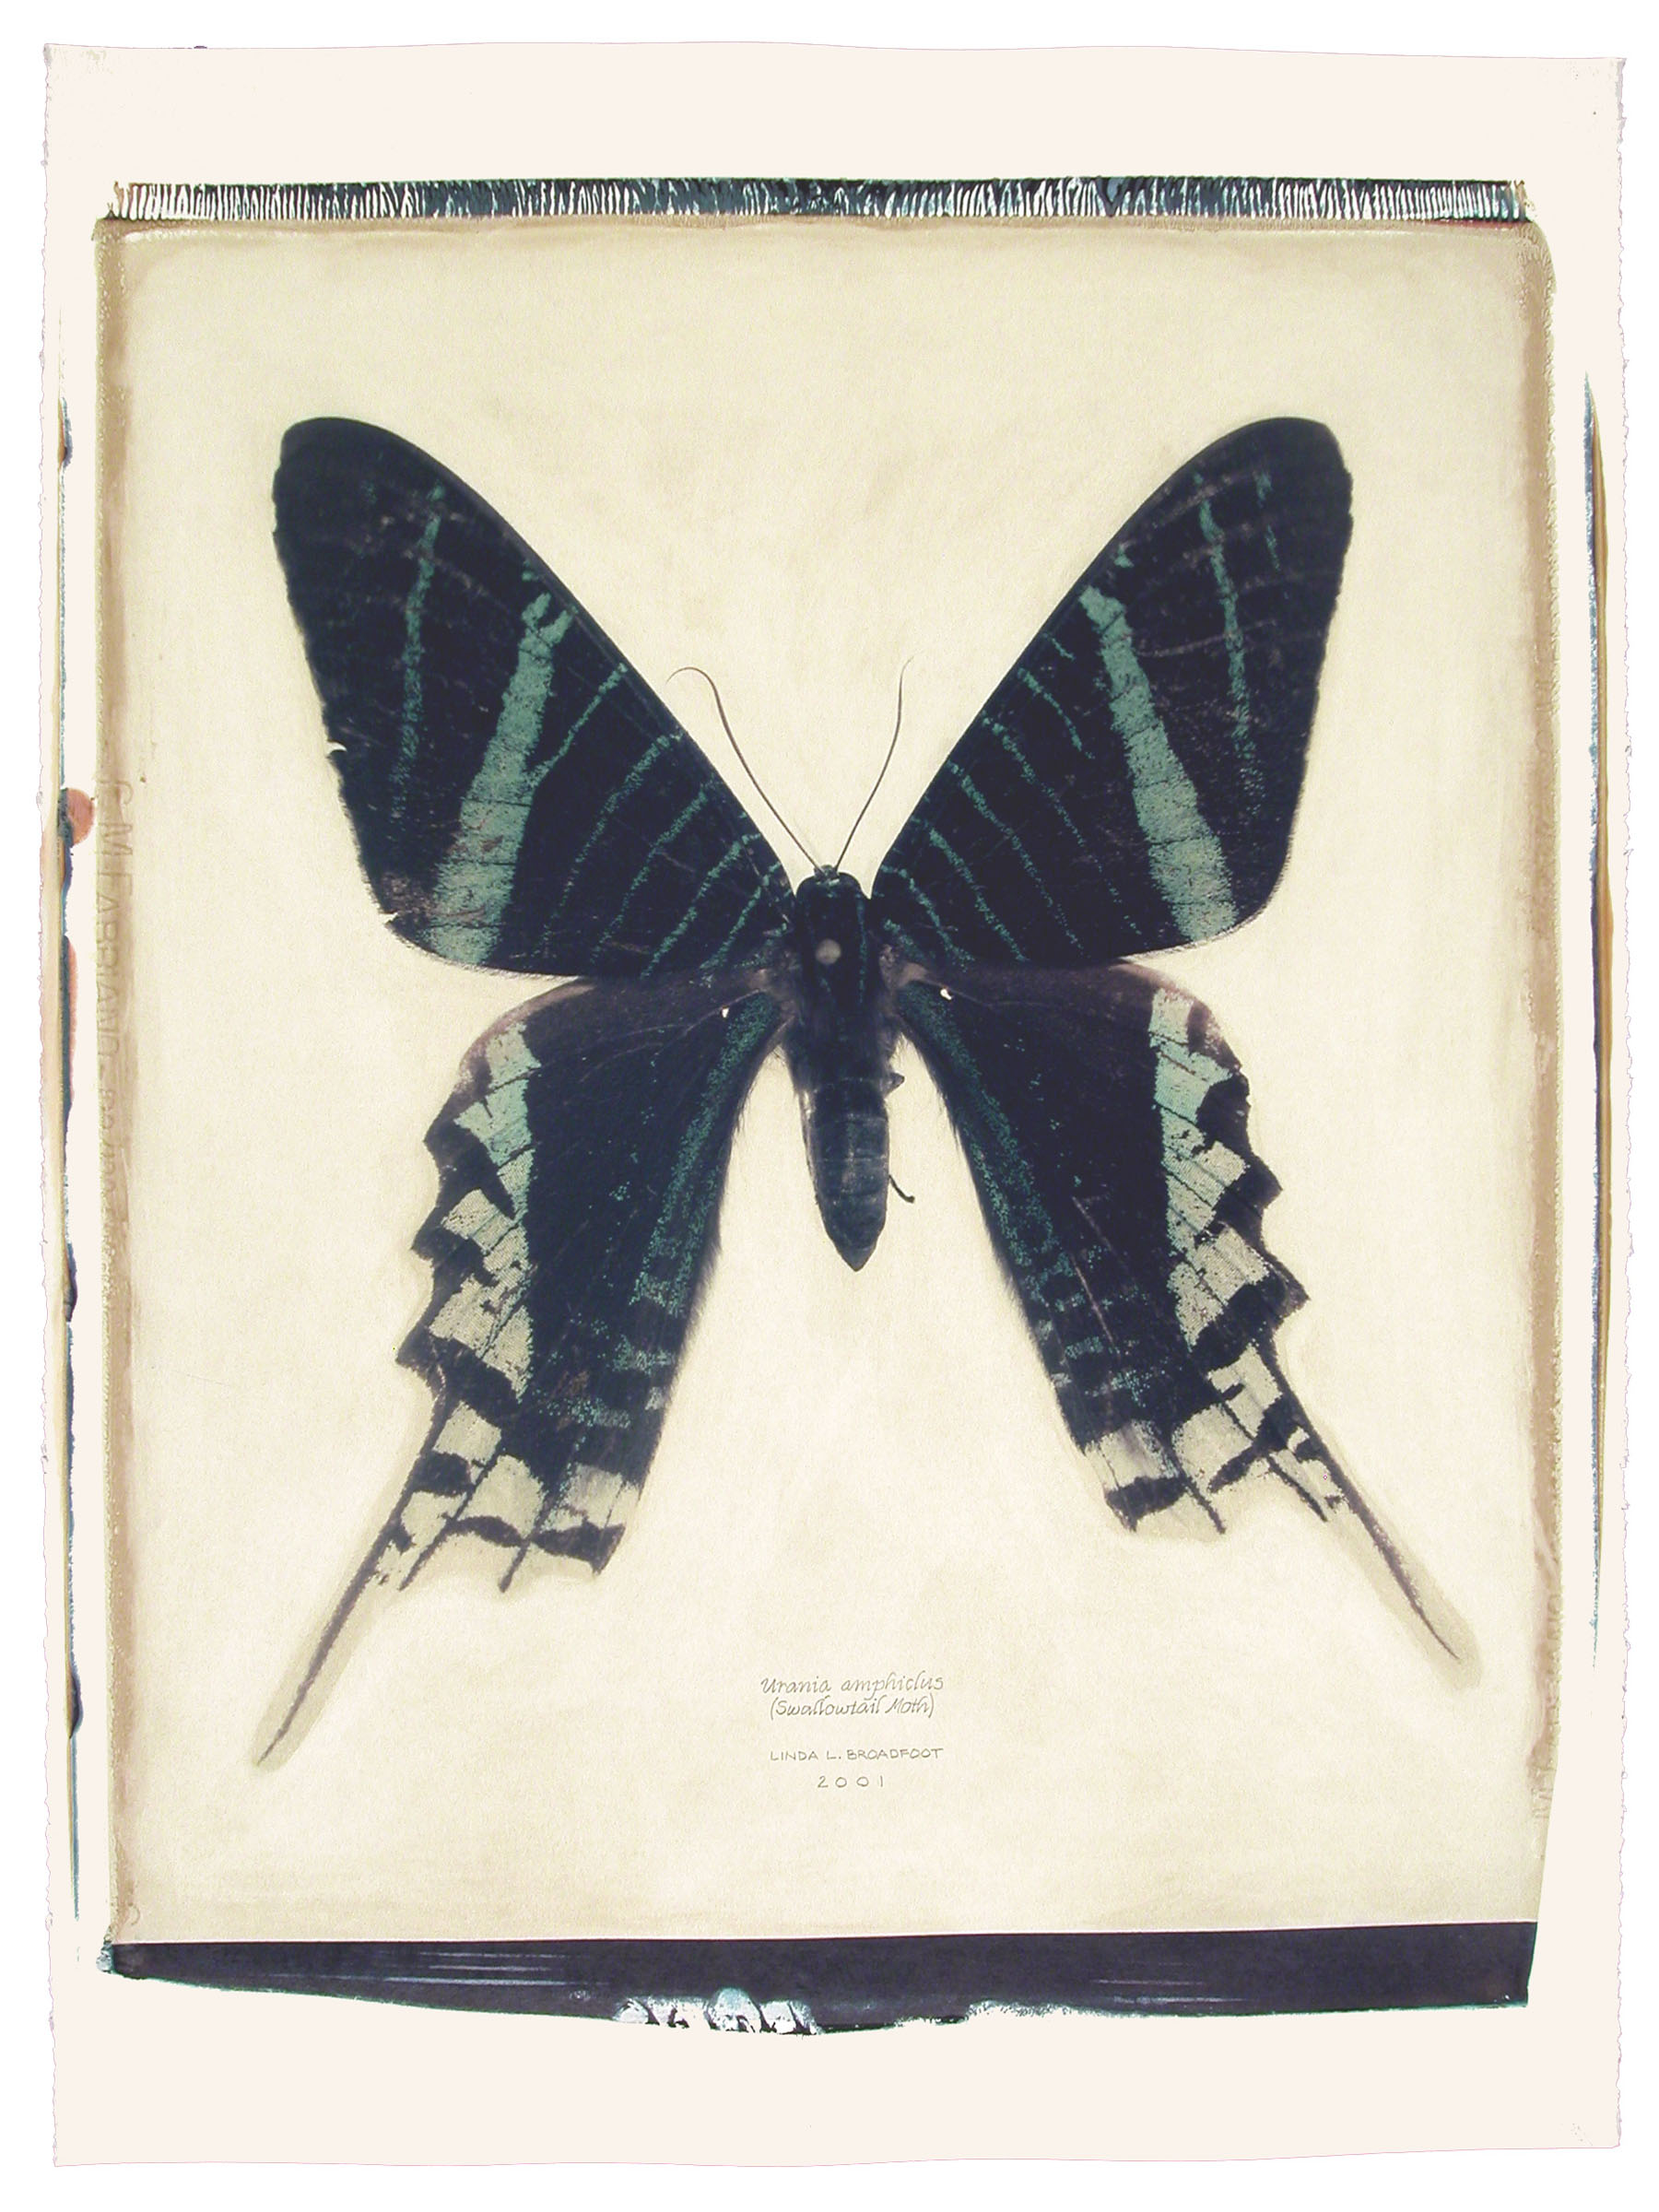 Urania amphiclus  (Swallowtail Moth), 2001